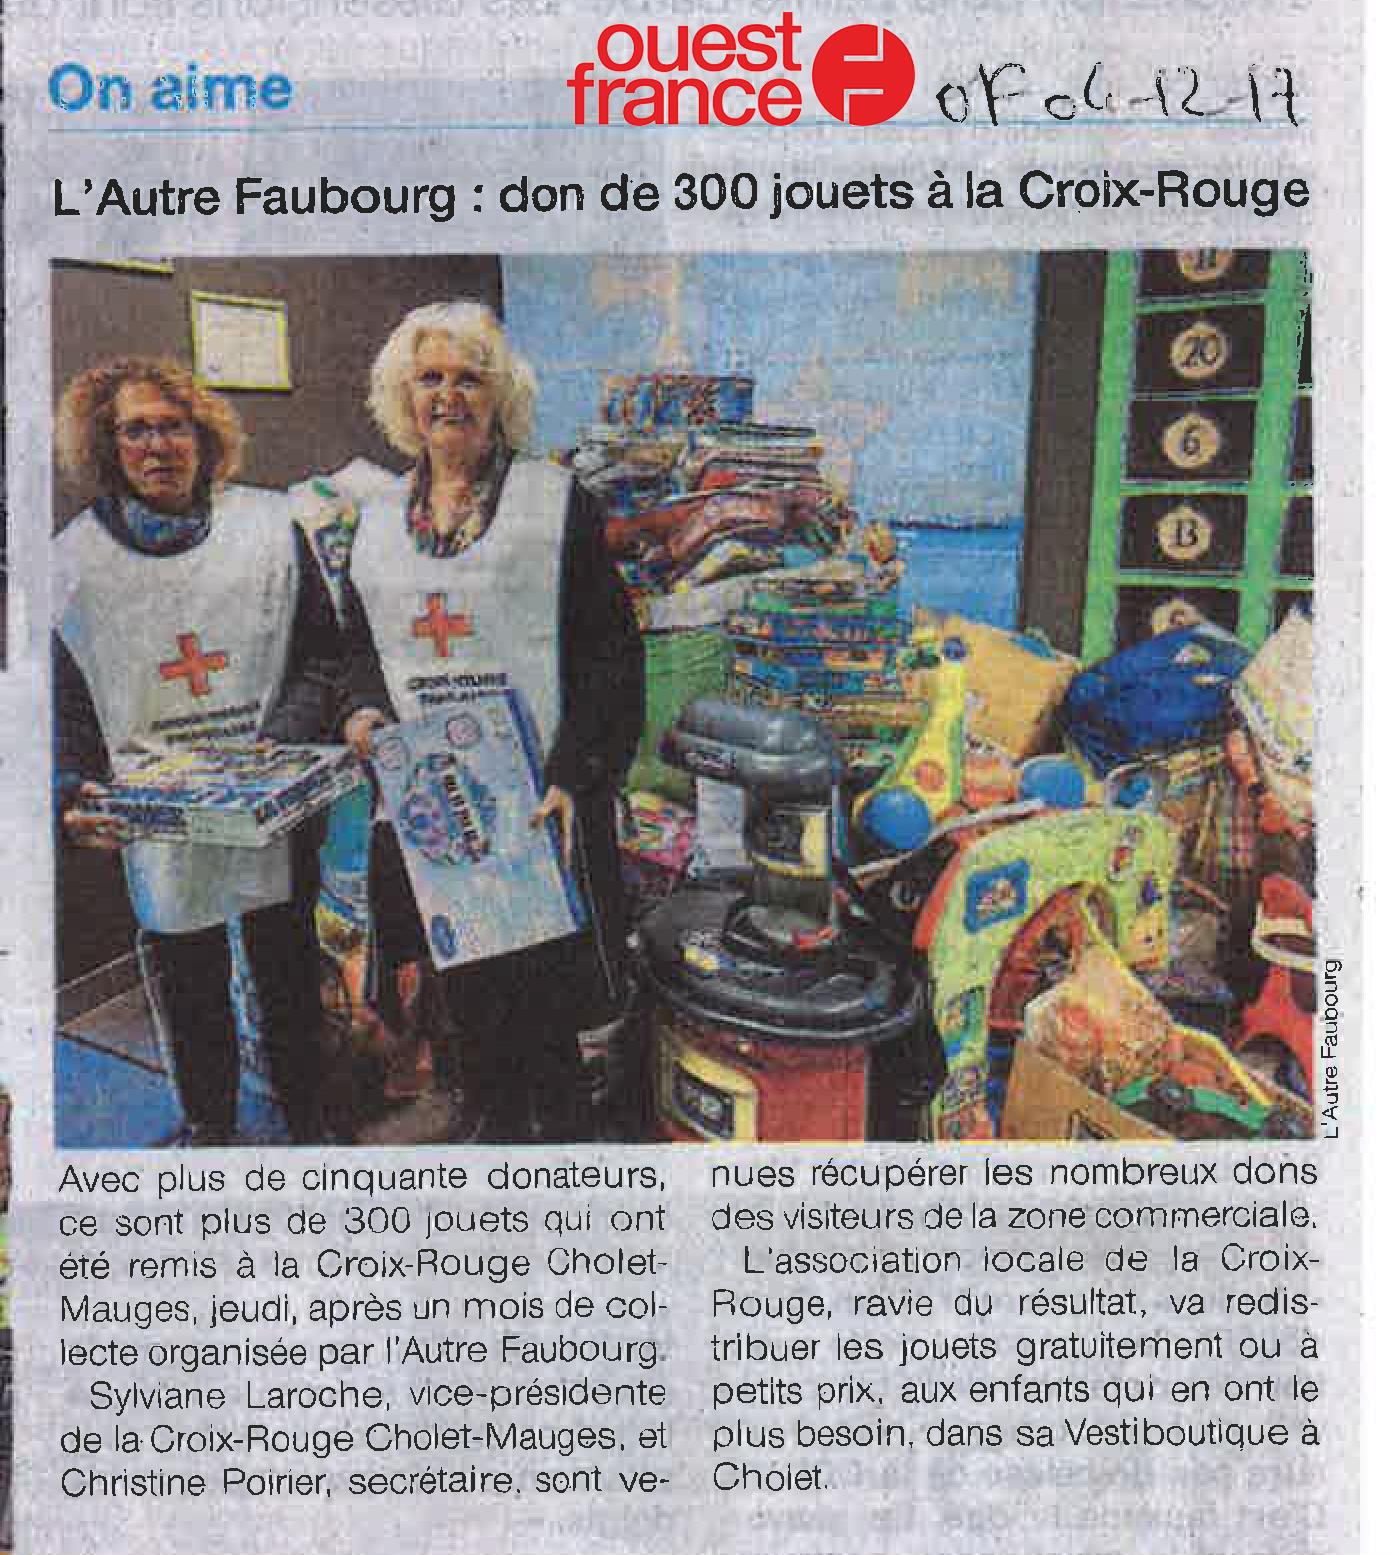 OF04122017 - L'Autre Faubourg - don de 300 jouets à la Croix Rouge